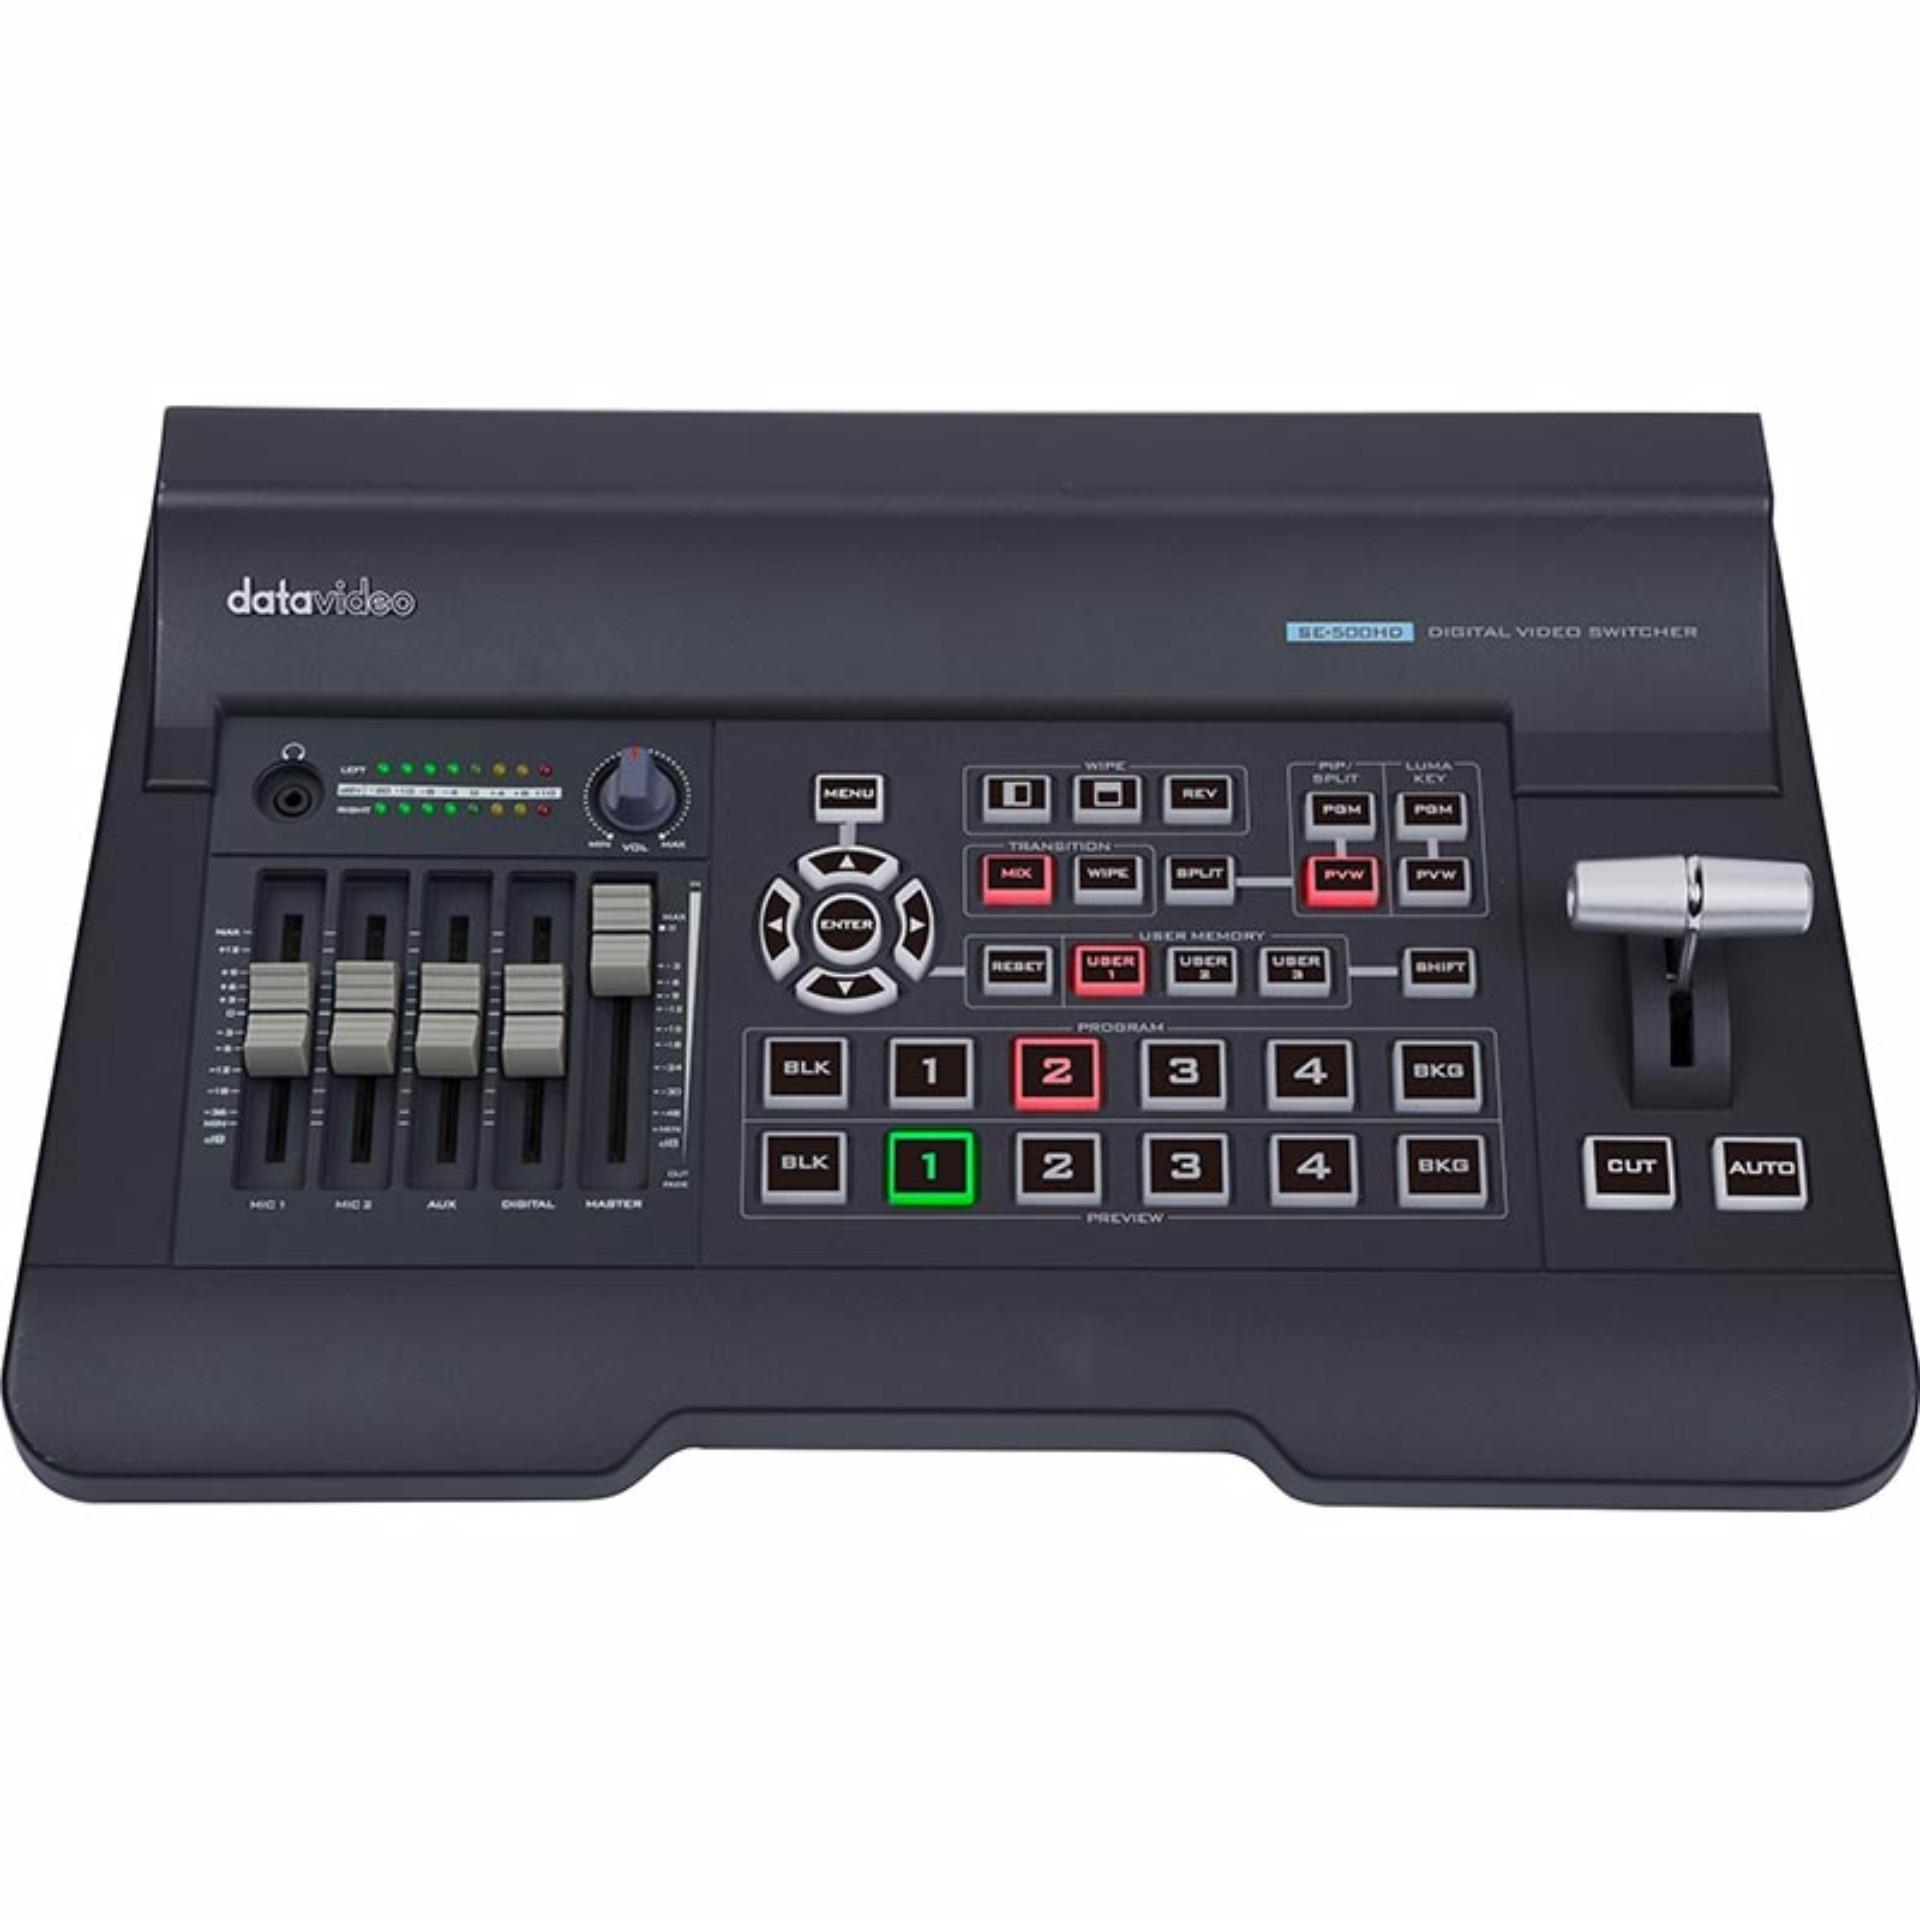 Datavideo SE-500HD HD/SD – 4 Channel Video Switcher